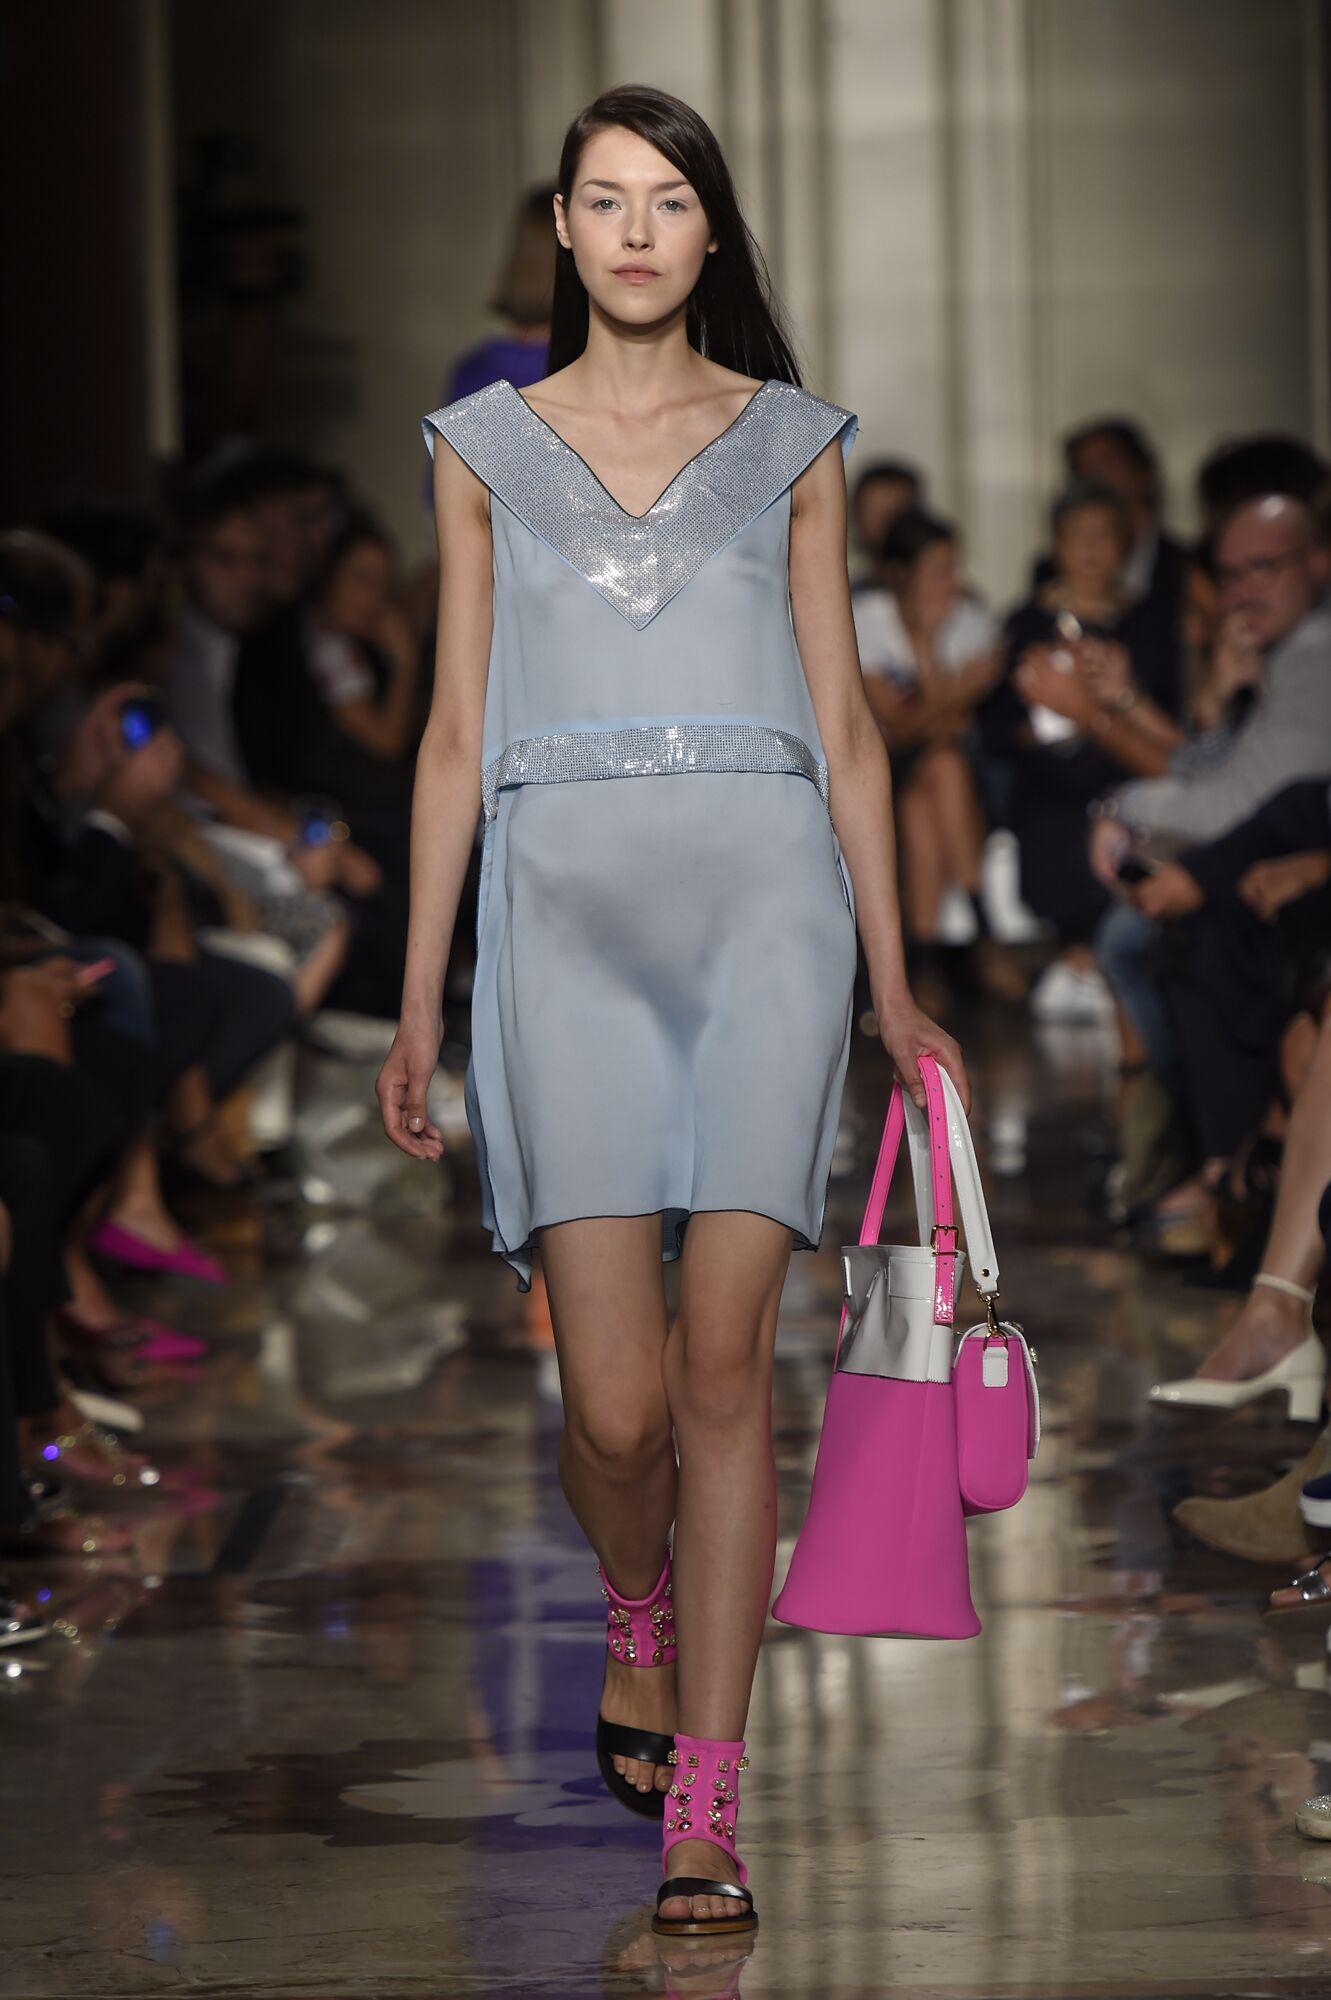 Andrea Incontri Catwalk Womenswear